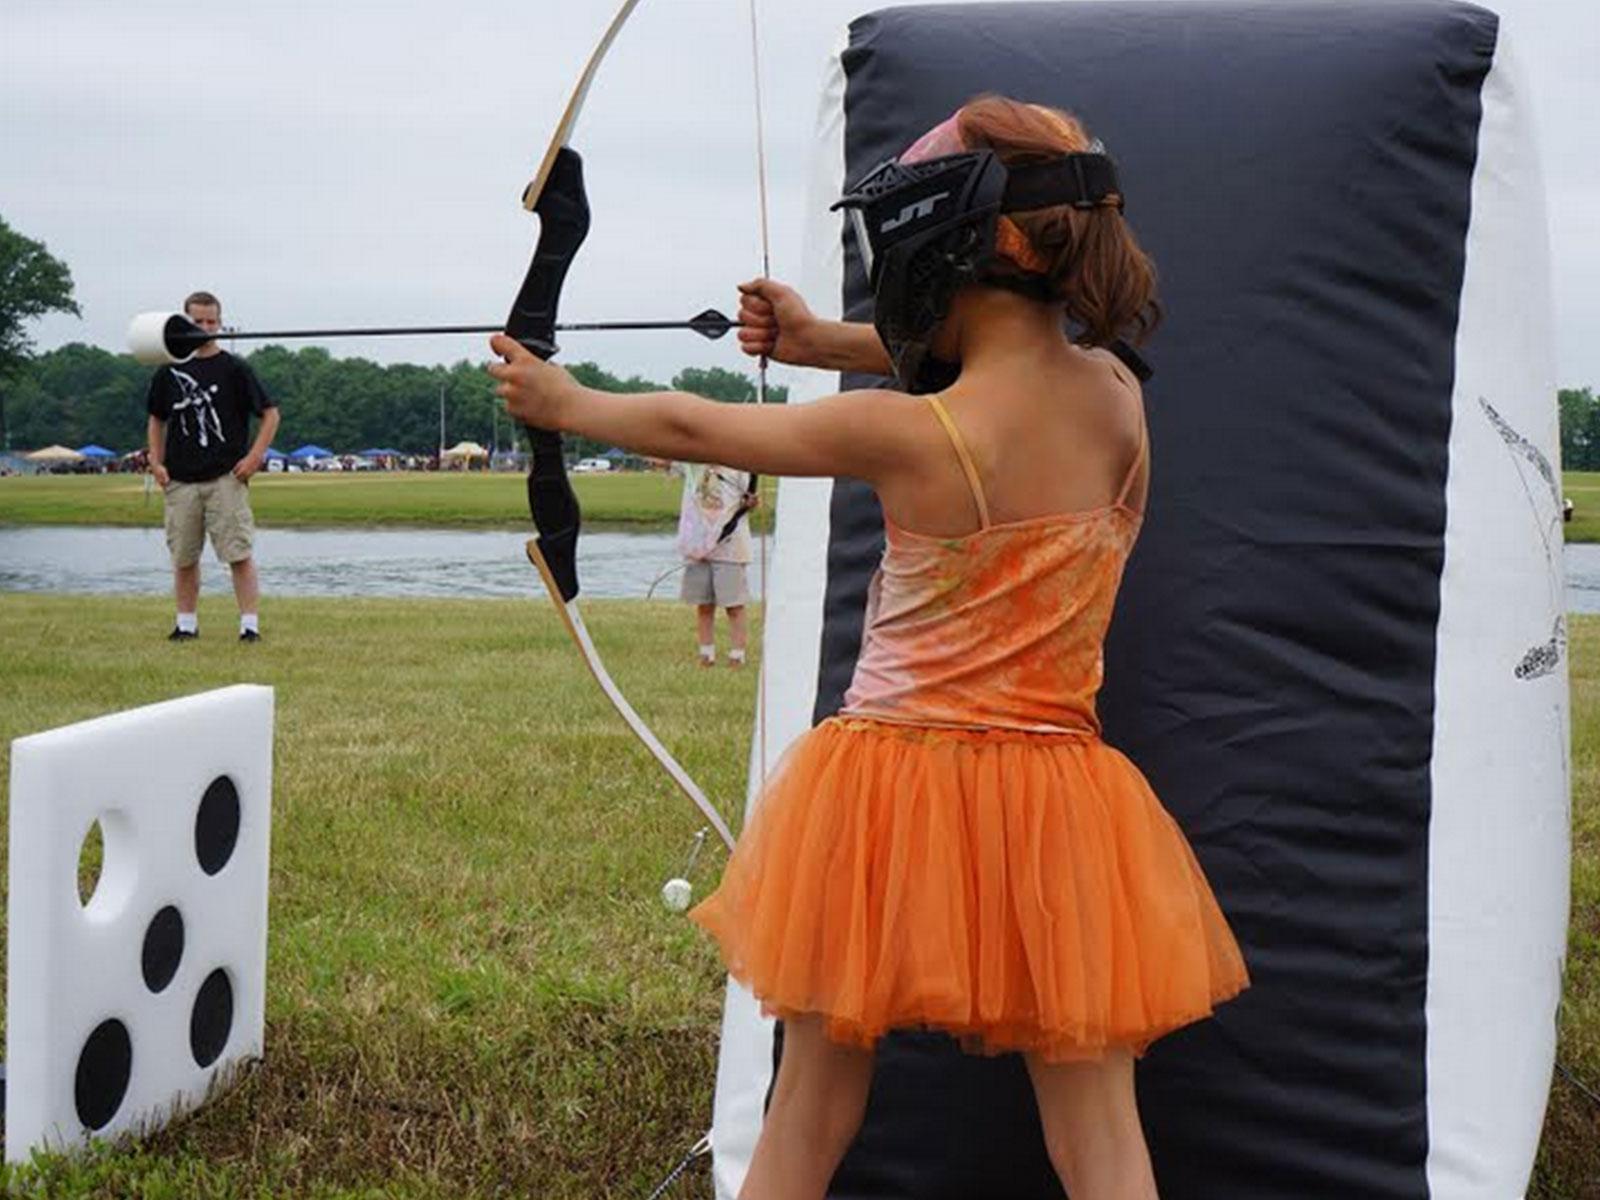 PCP - Pro Concept Paintball - Archerie kids